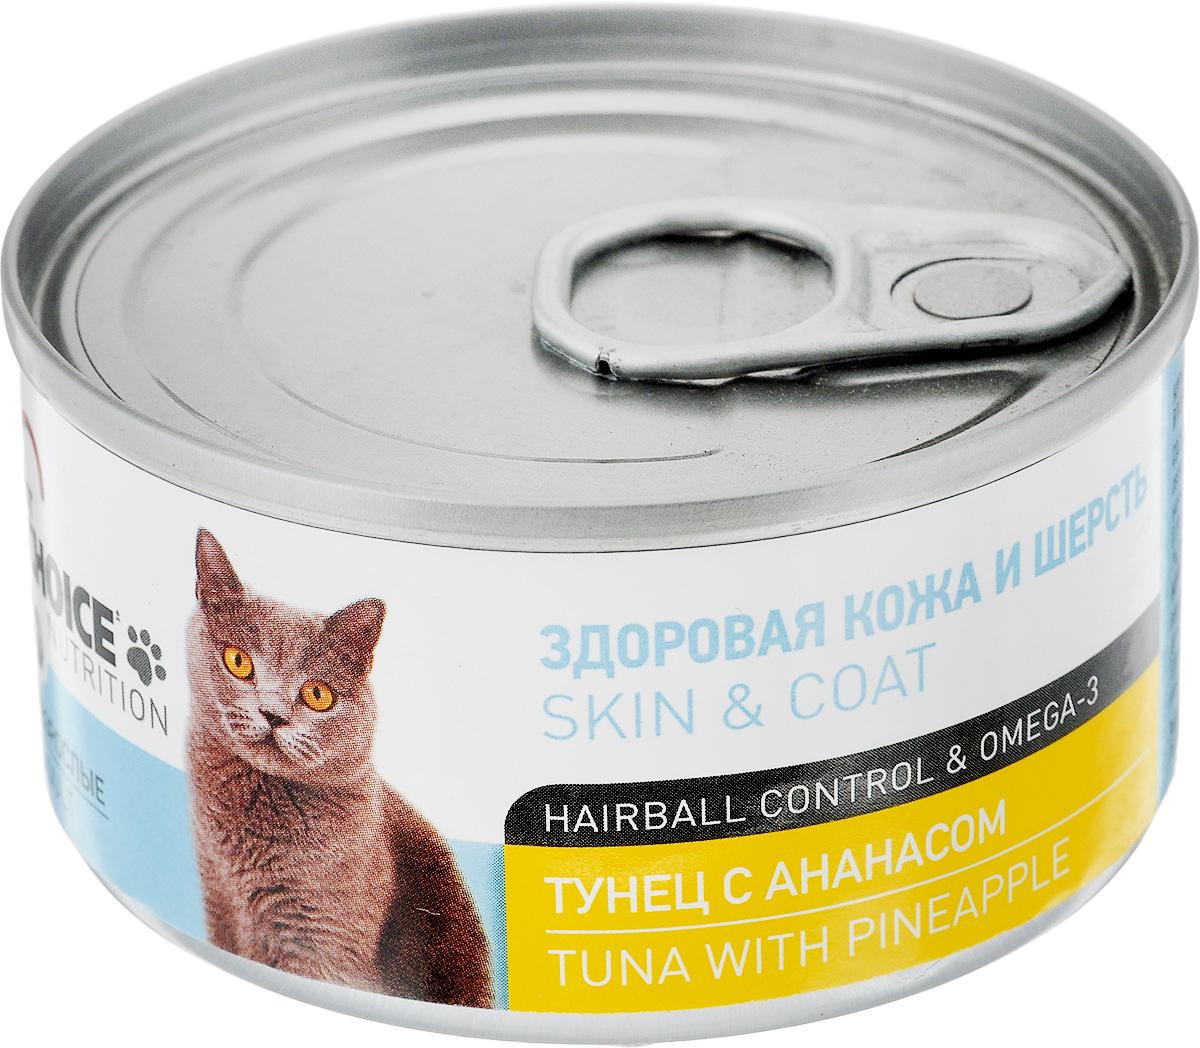 Консервы 1st Choice, для взрослых кошек, тунец с ананасом, 85 г102.6.003Консервы 1st Choice является уникальным, натуральным, здоровым и функциональным дополнительным консервированным питанием для котят. Корм рекомендуется смешивать с кашами. Консервы изготовлены из высококачественного мясного сырья. Они обеспечивают здоровую и красивую шерсть, благодаря высокому содержанию Омега-3 и эффективную систему вывода шерсти и контроля образования волосяных комочков. Товар сертифицирован.